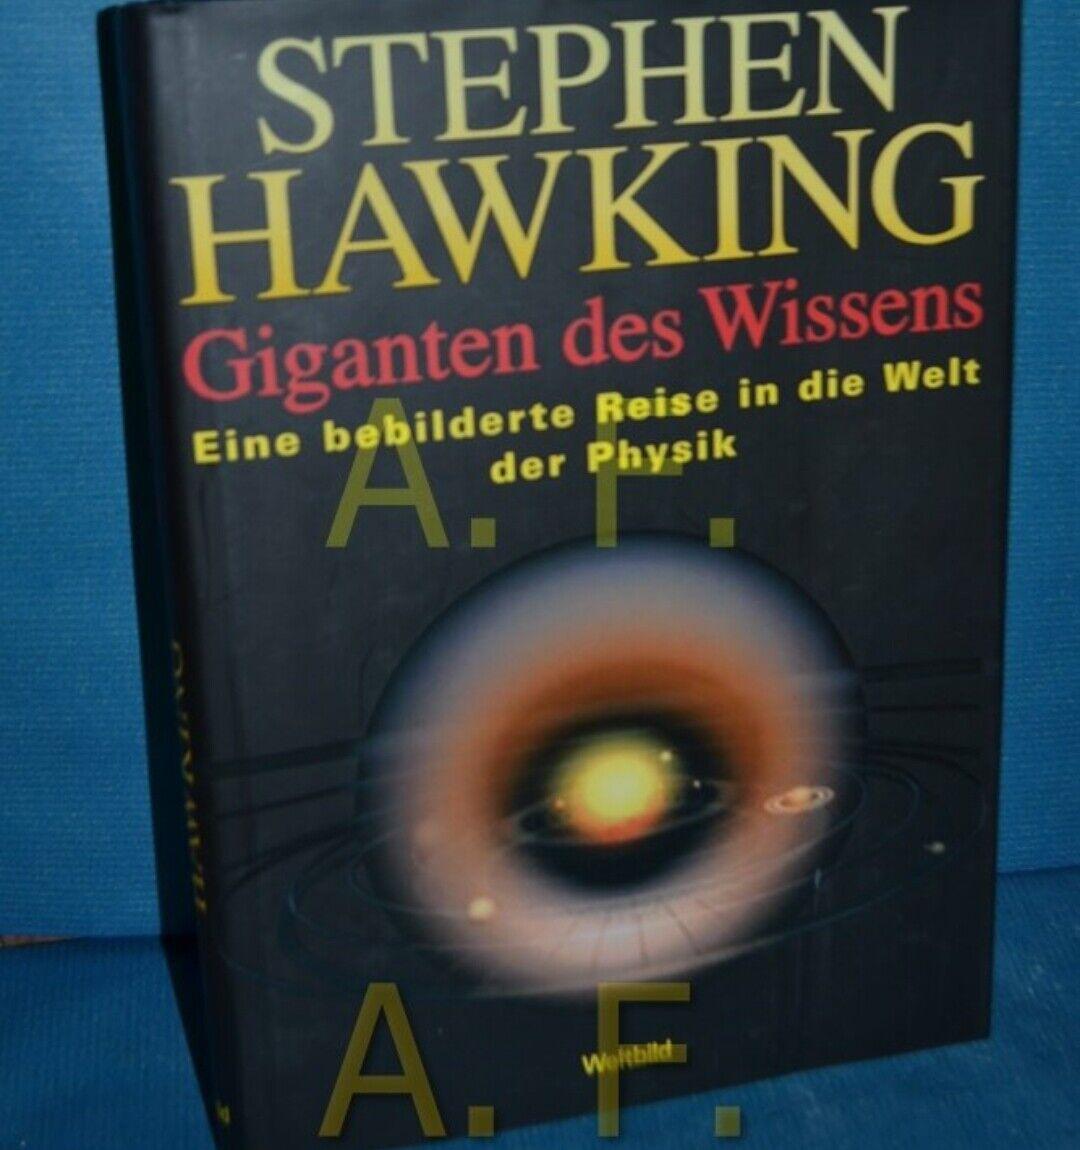 Giganten des Wissens von Stephen W. Hawking (2005, Gebunden)